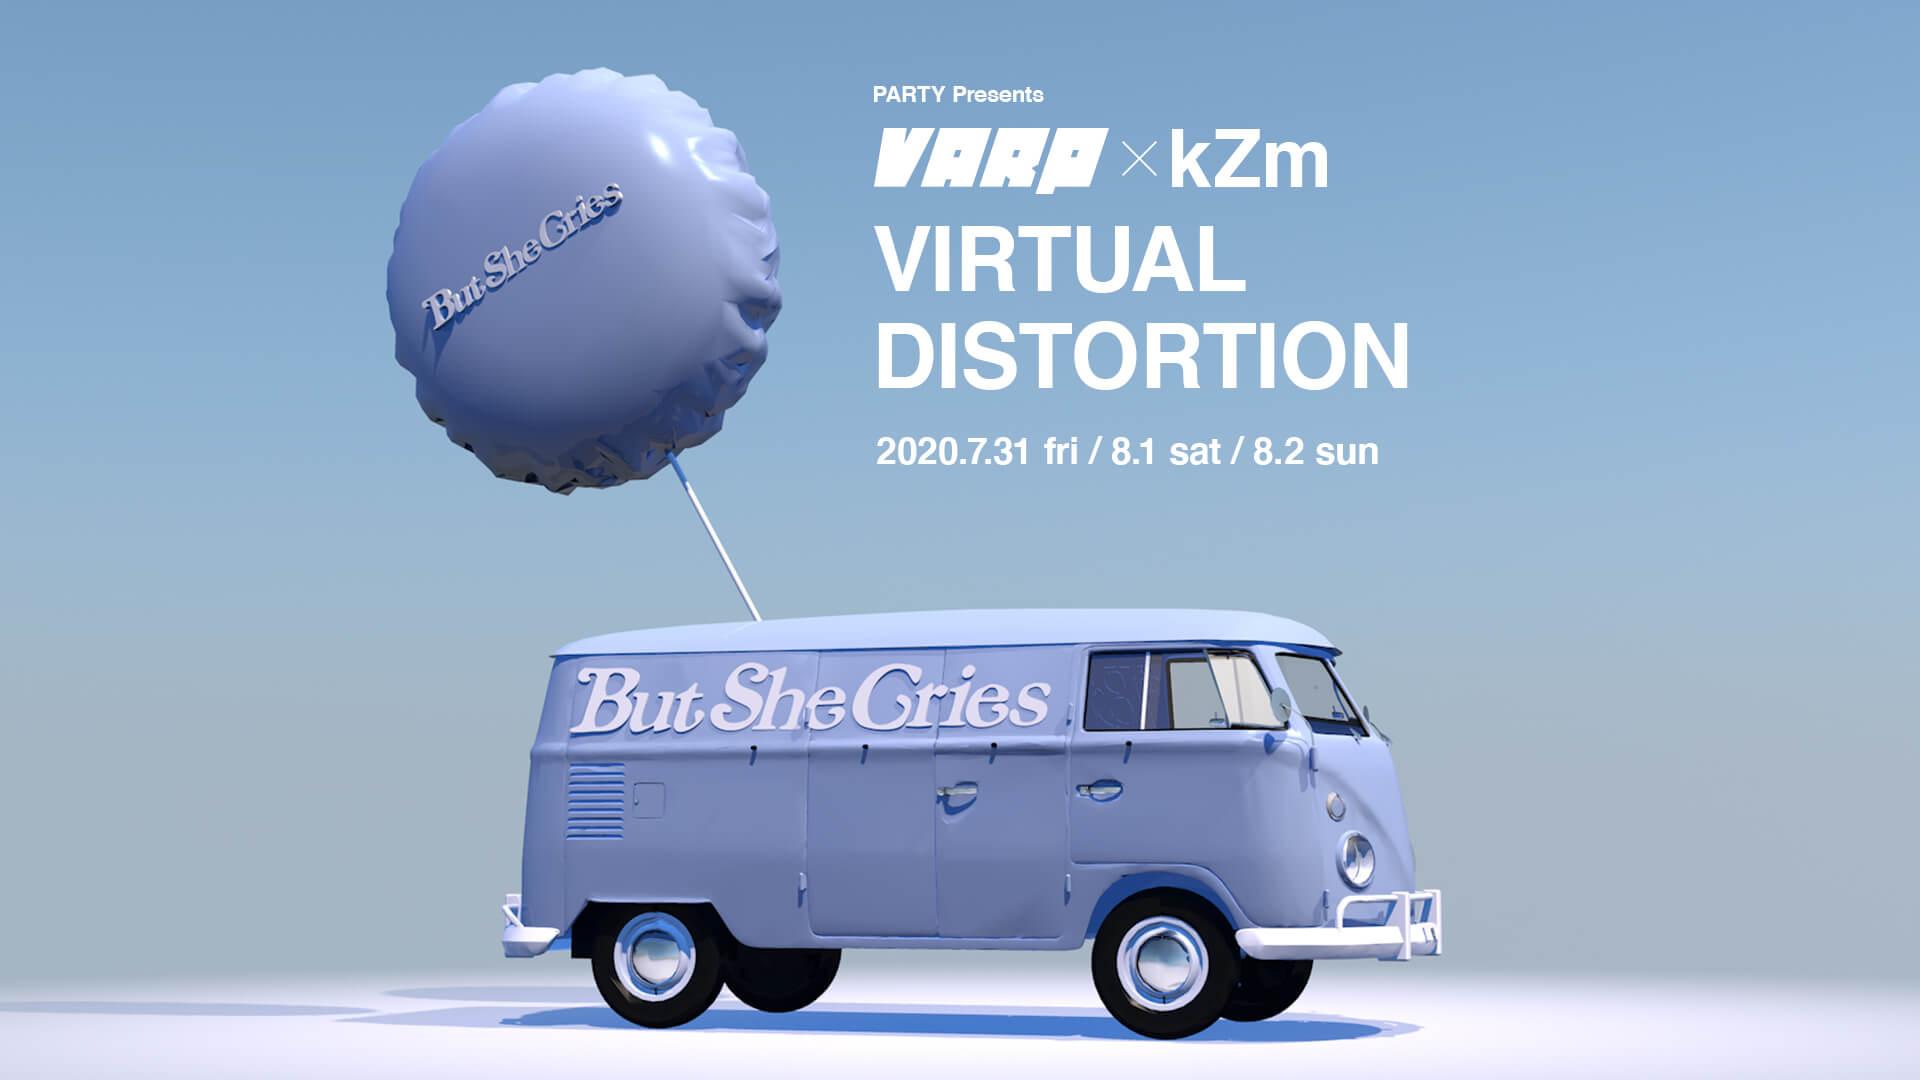 kZmのバーチャルライブ<VIRTUAL DISTORTION>の公式マーチャンダイズ詳細が公開!VERDY、YouthQuakeとのコラボアイテムがラインナップ music200730_kzm_15